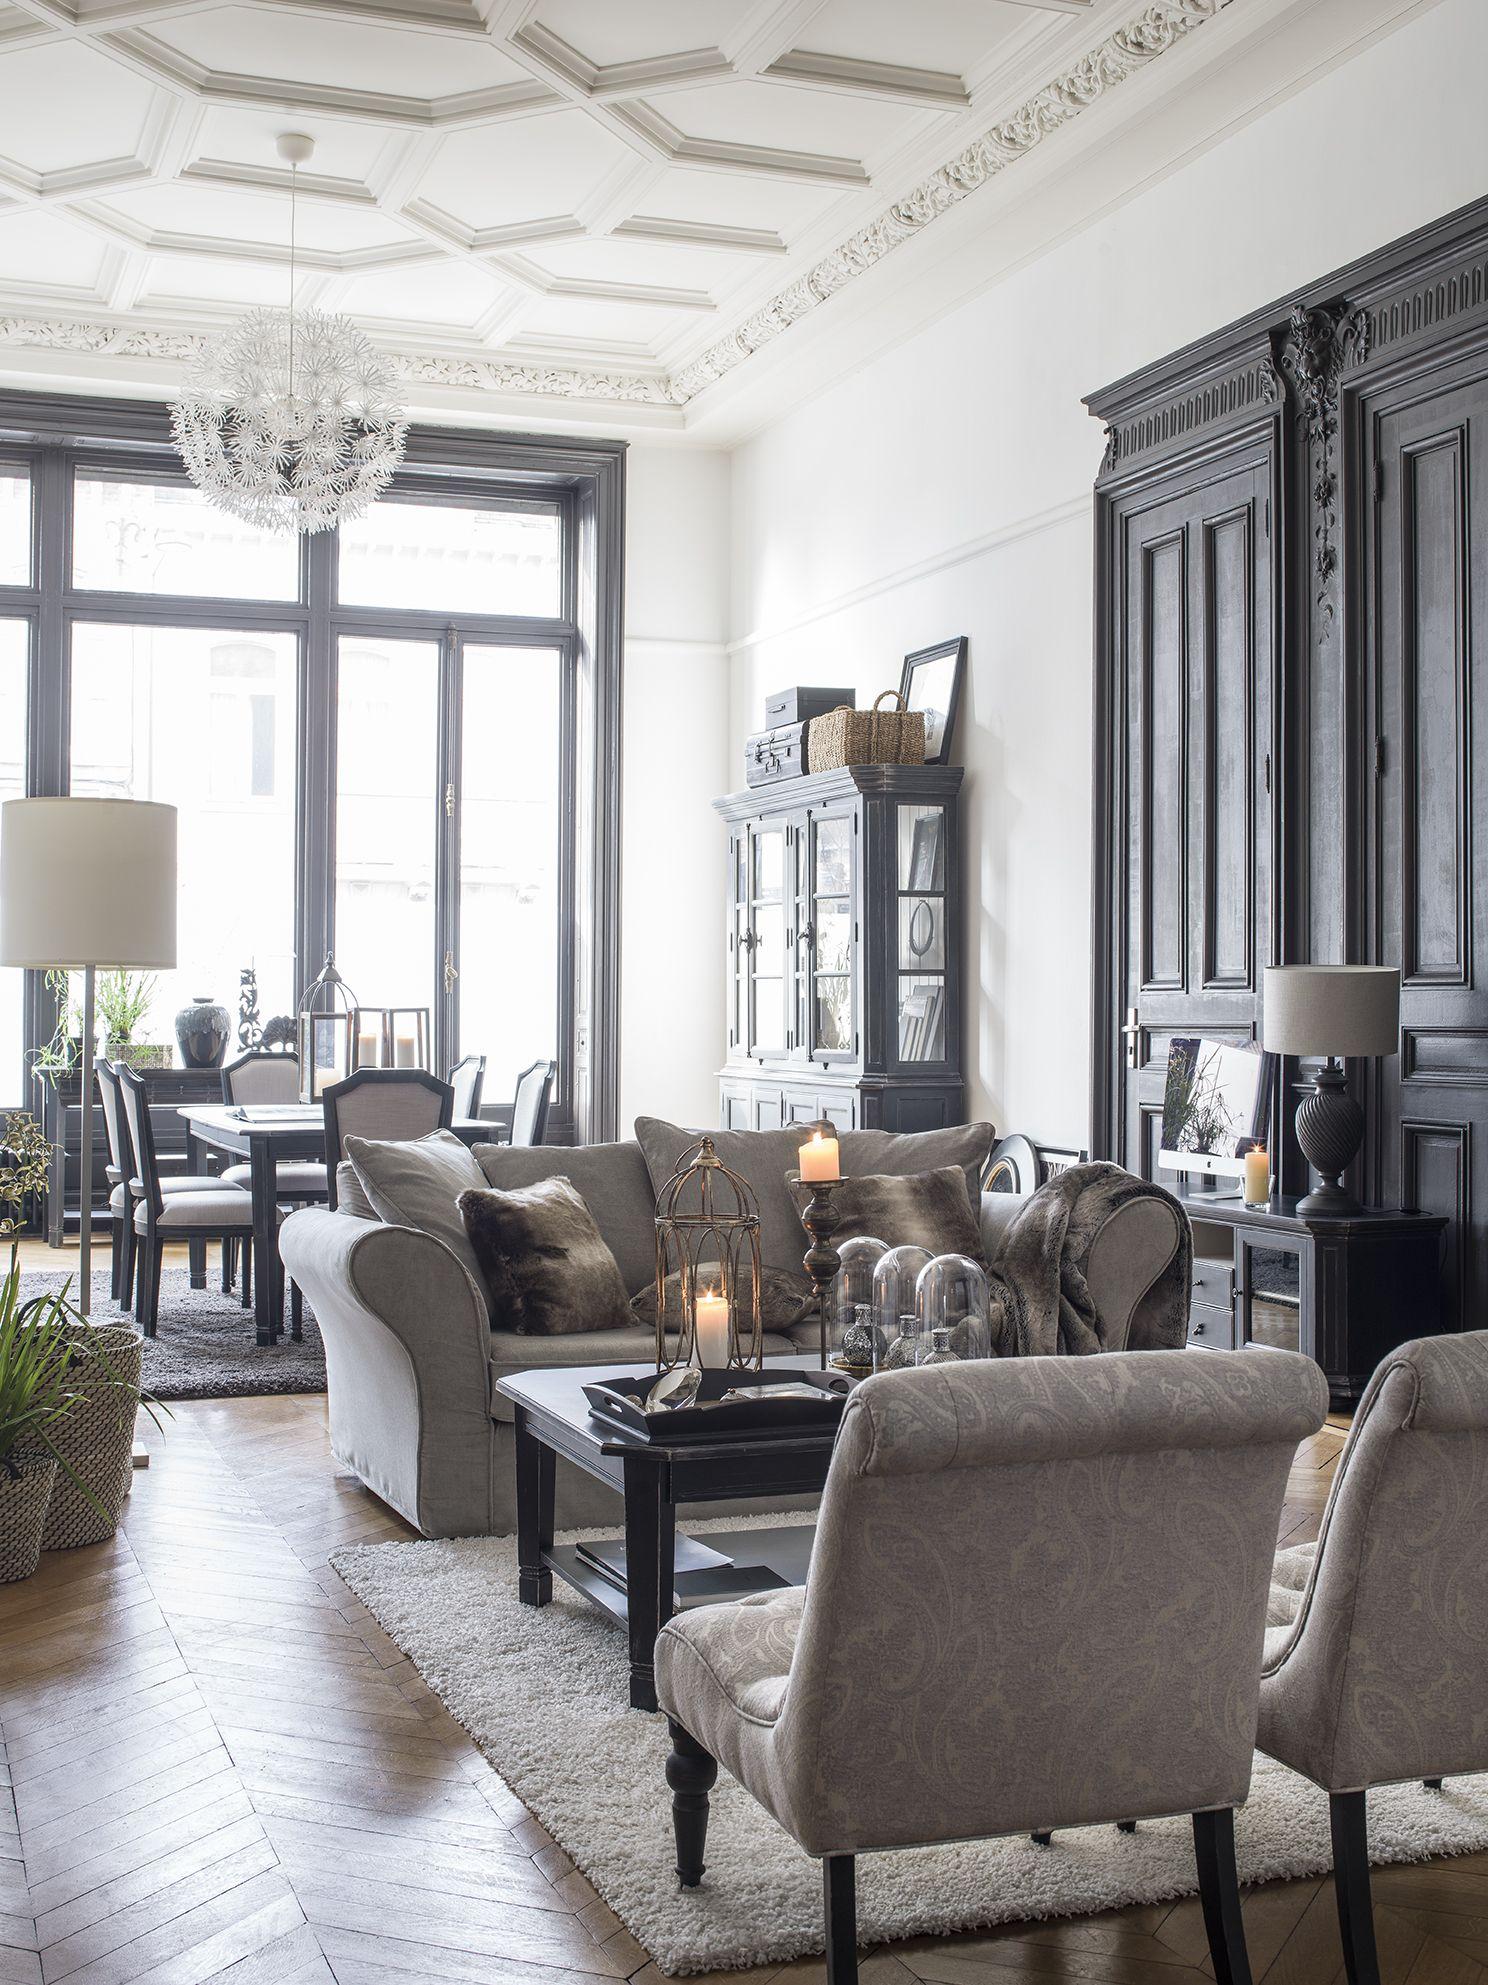 Directement Issue De Ce Courant Du Neo Classicisme La Collection Bruges Revisite Le Tres Raffine Style Flamand Pour Lui Donner Meuble Maison Style Deco Maison